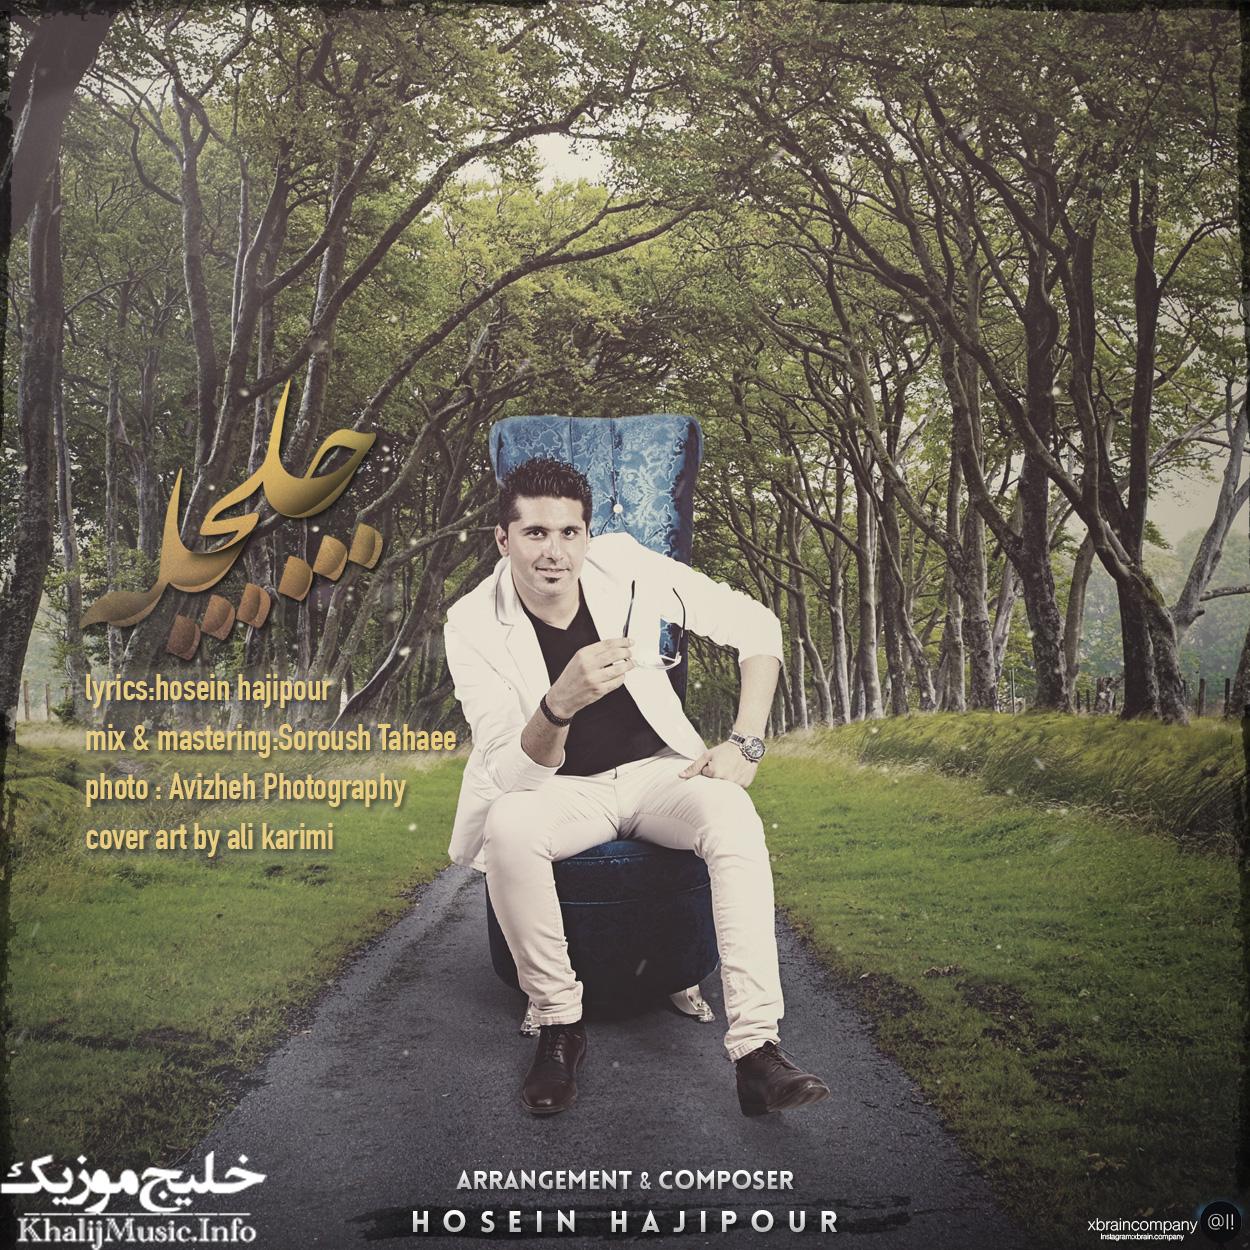 حسین حاجی پور – چل چله